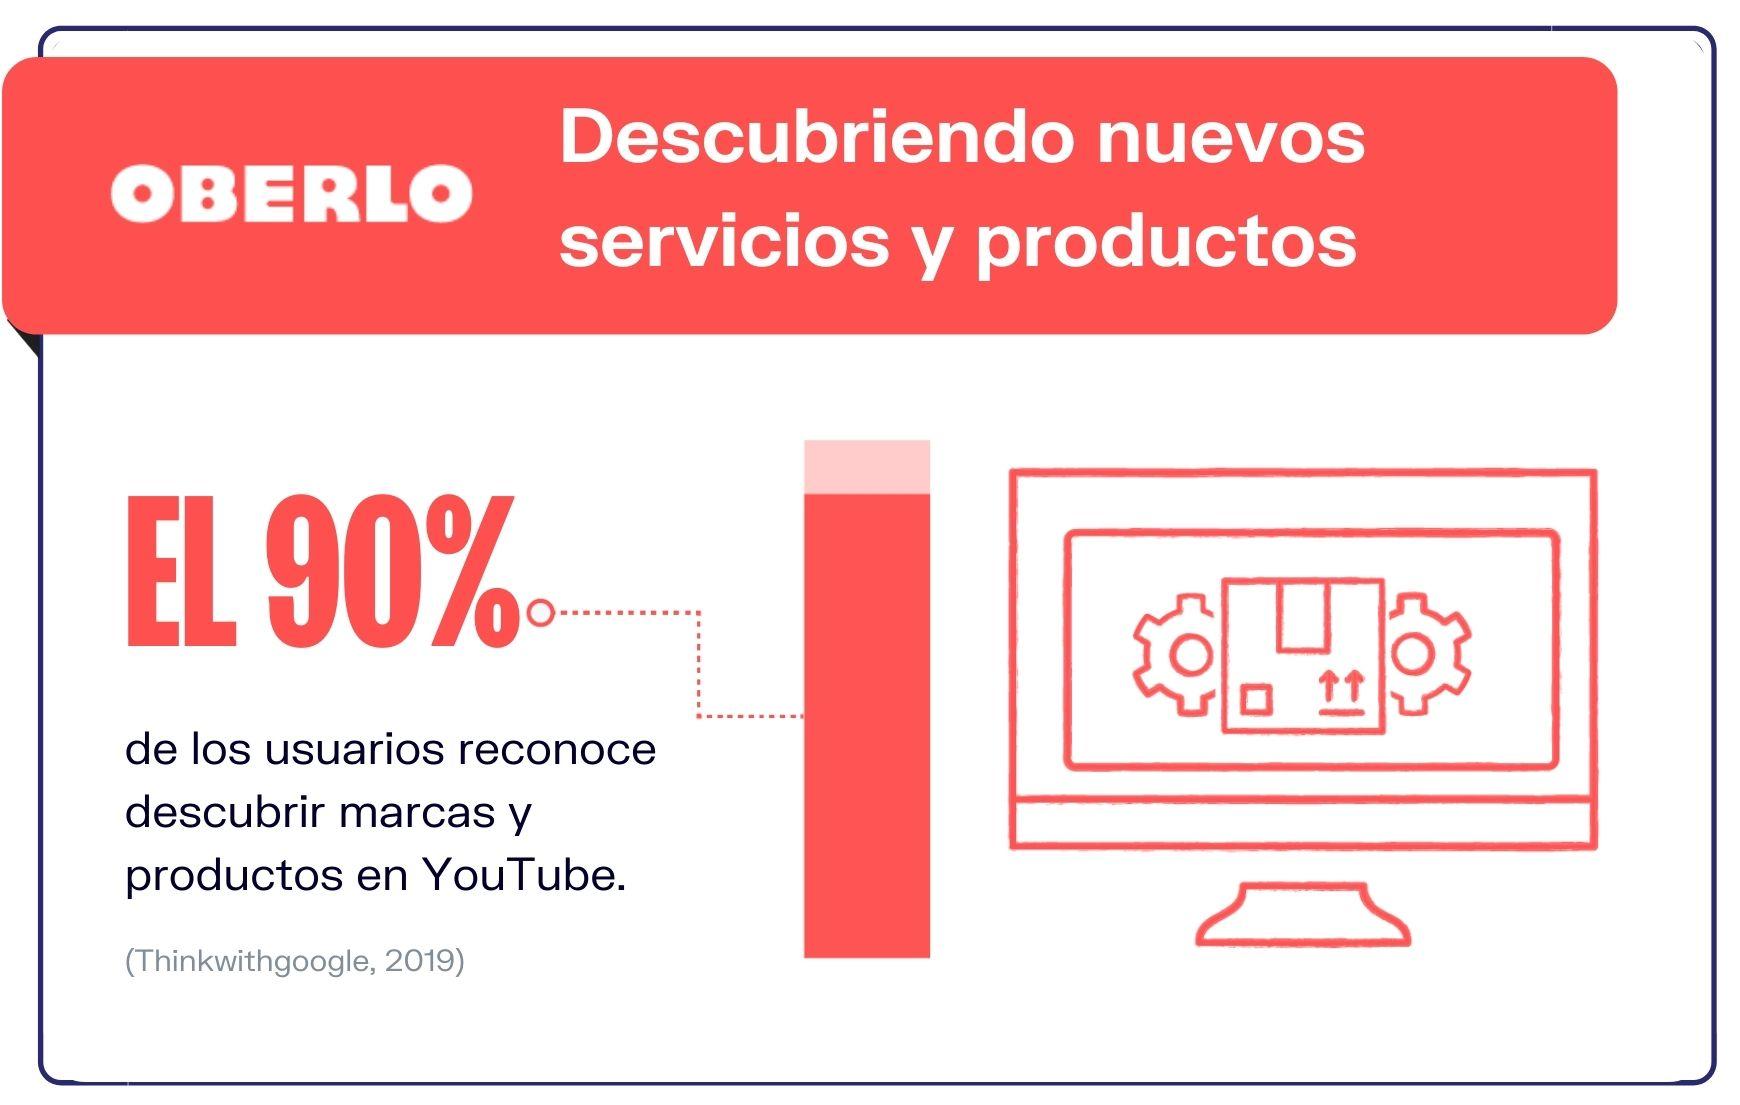 Estadisticas-de-YouTube-descubre-nuevos-productos-y-servicios-en-youtube